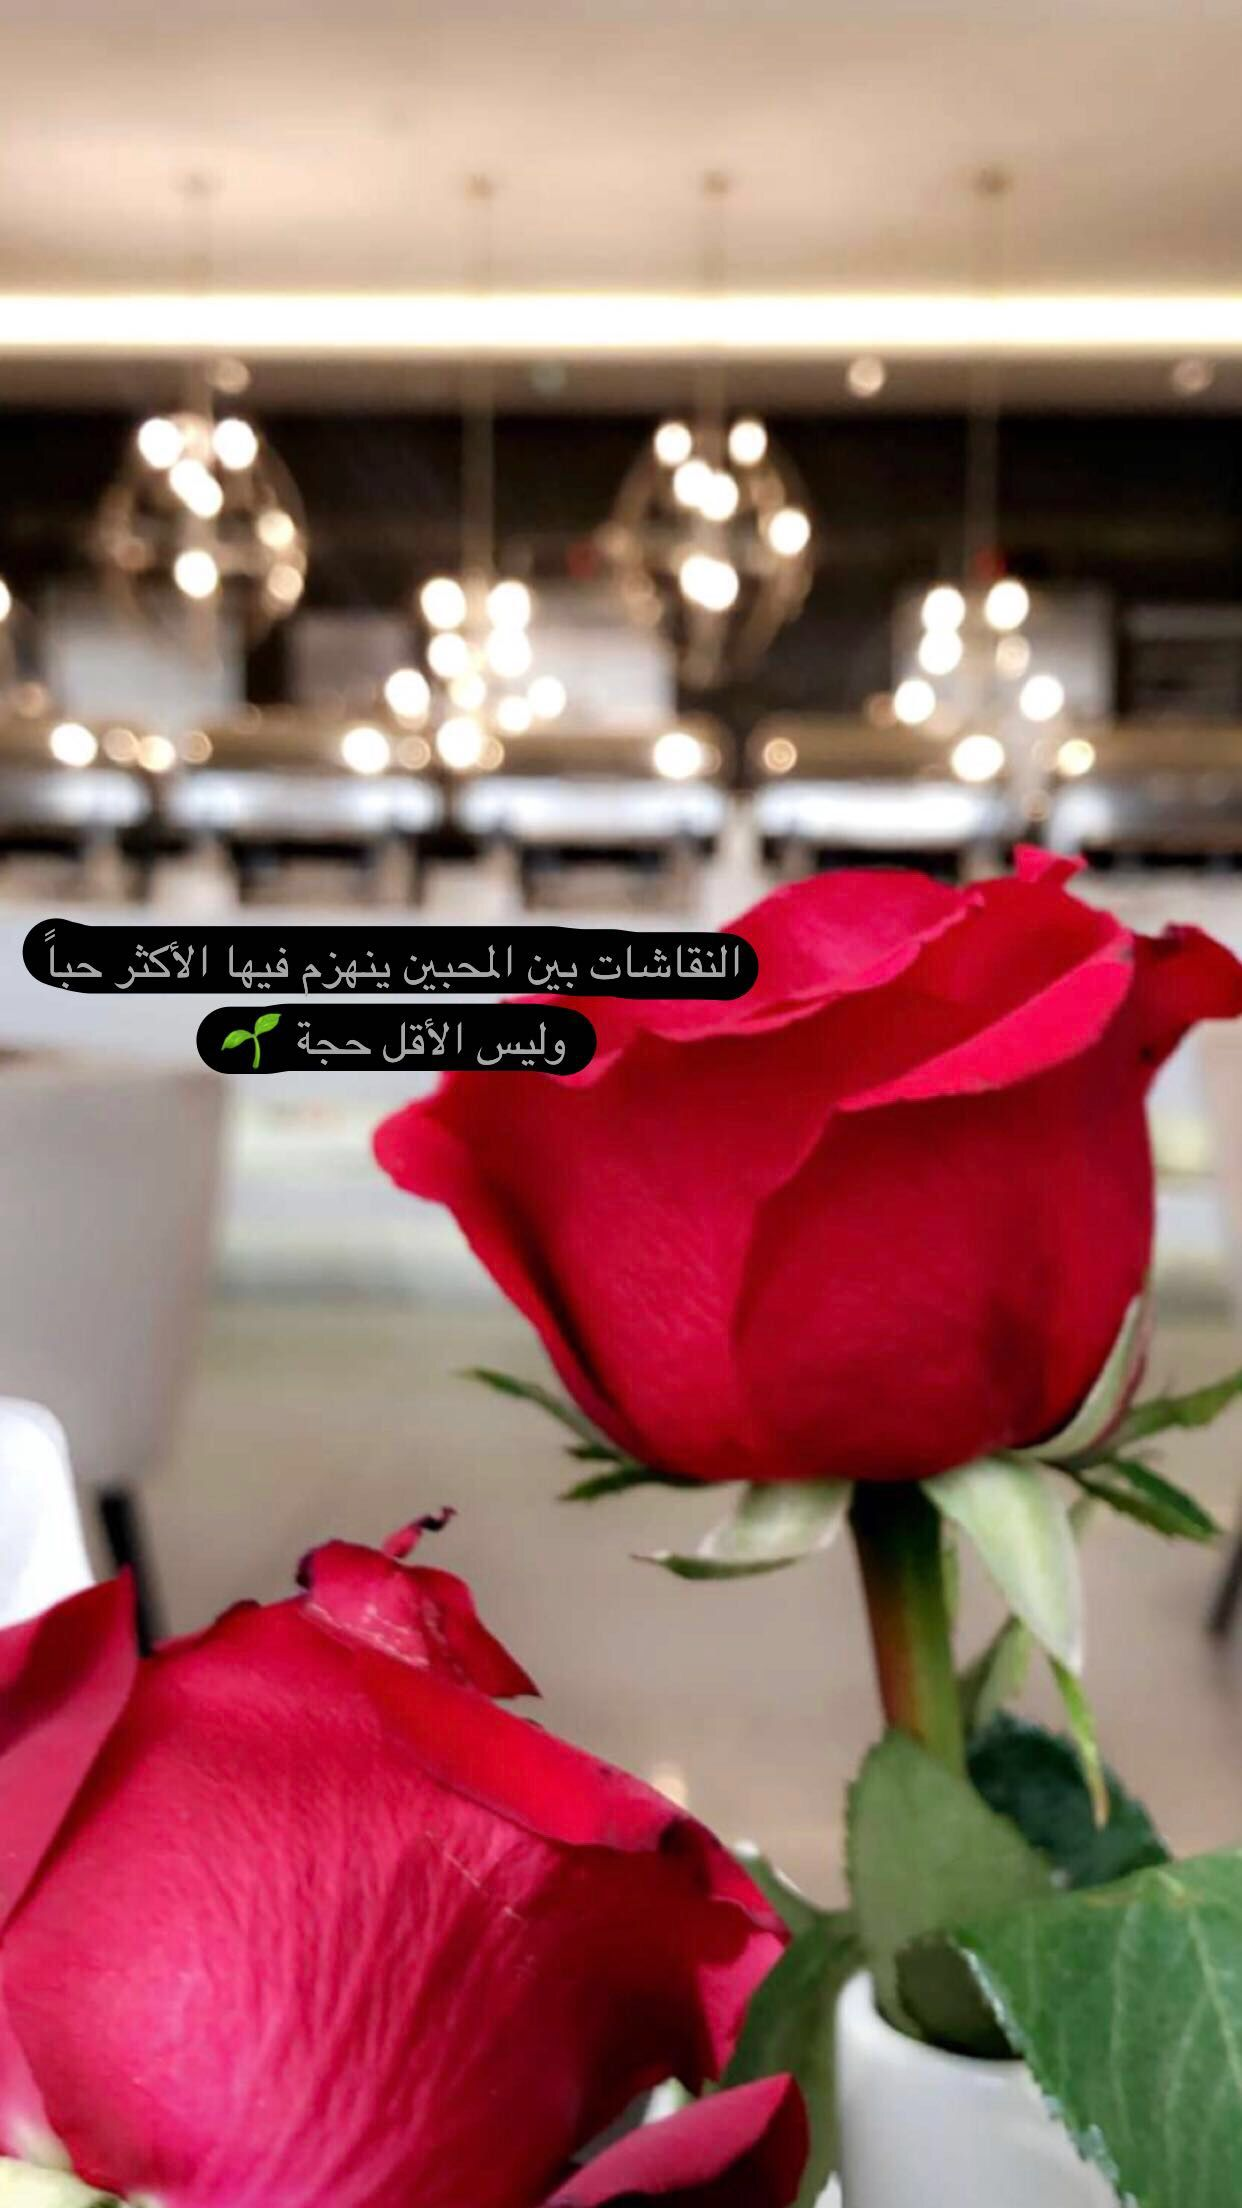 همسه النقاشات بين المحبين ينهزم فيها الأكثر حبا وليس الأقل حجة عزل بورتريه ورد Medical Quotes Arabic Love Quotes Love Words